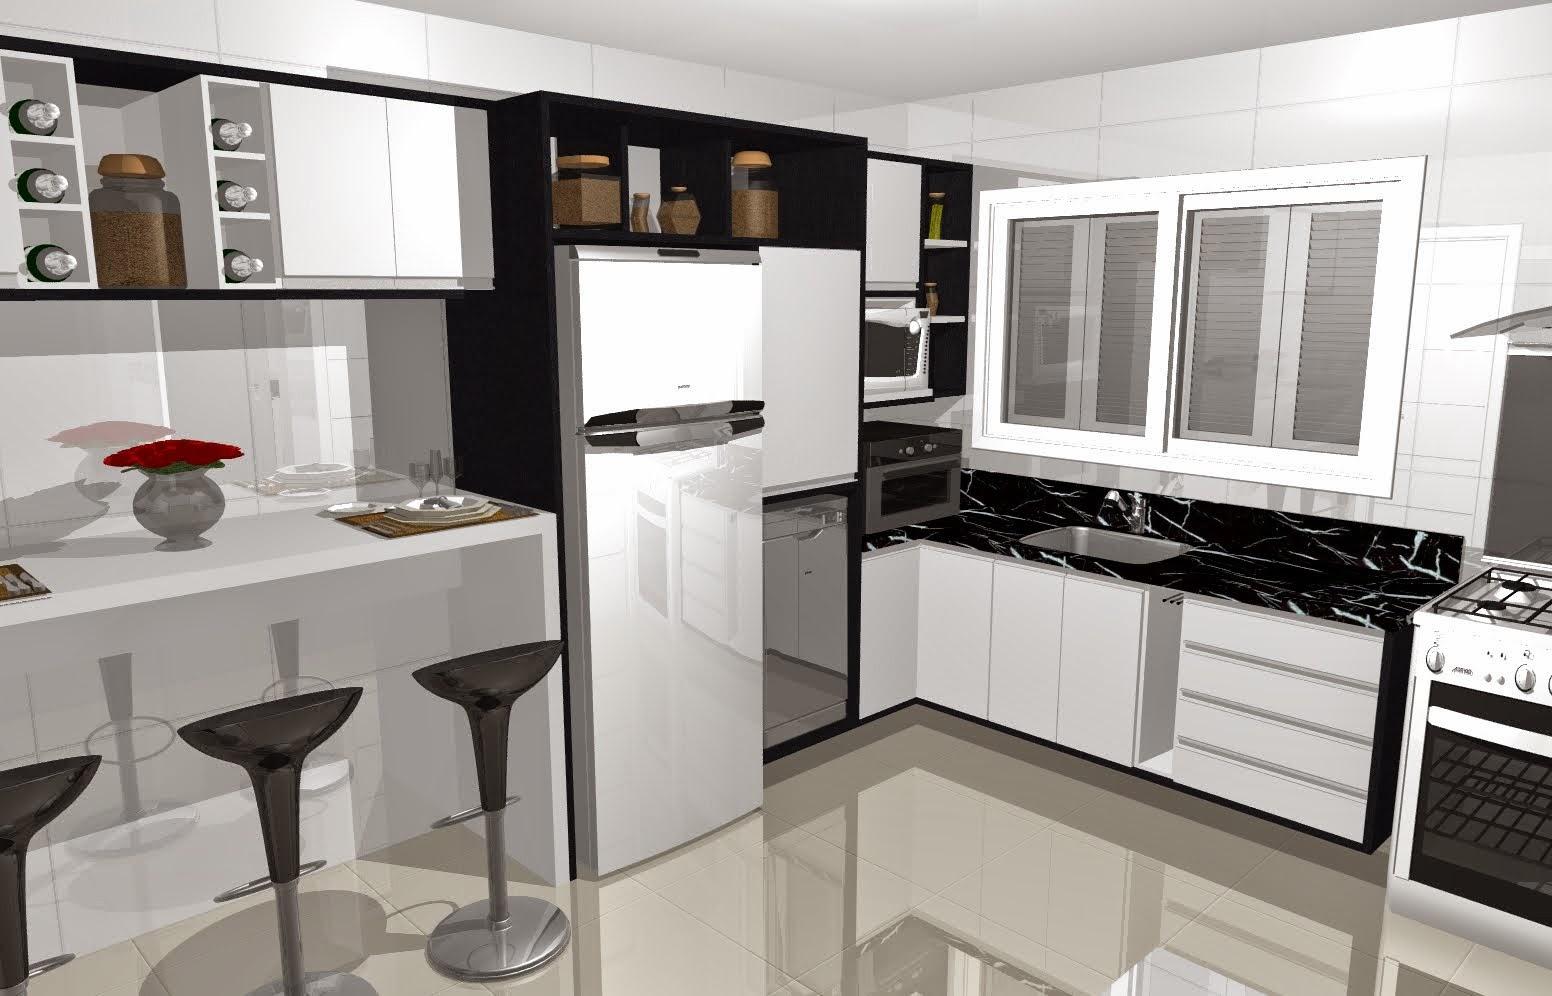 Projetos de cozinha preta e branca Realizando um Sonho Casamento  #8C643F 1552 996